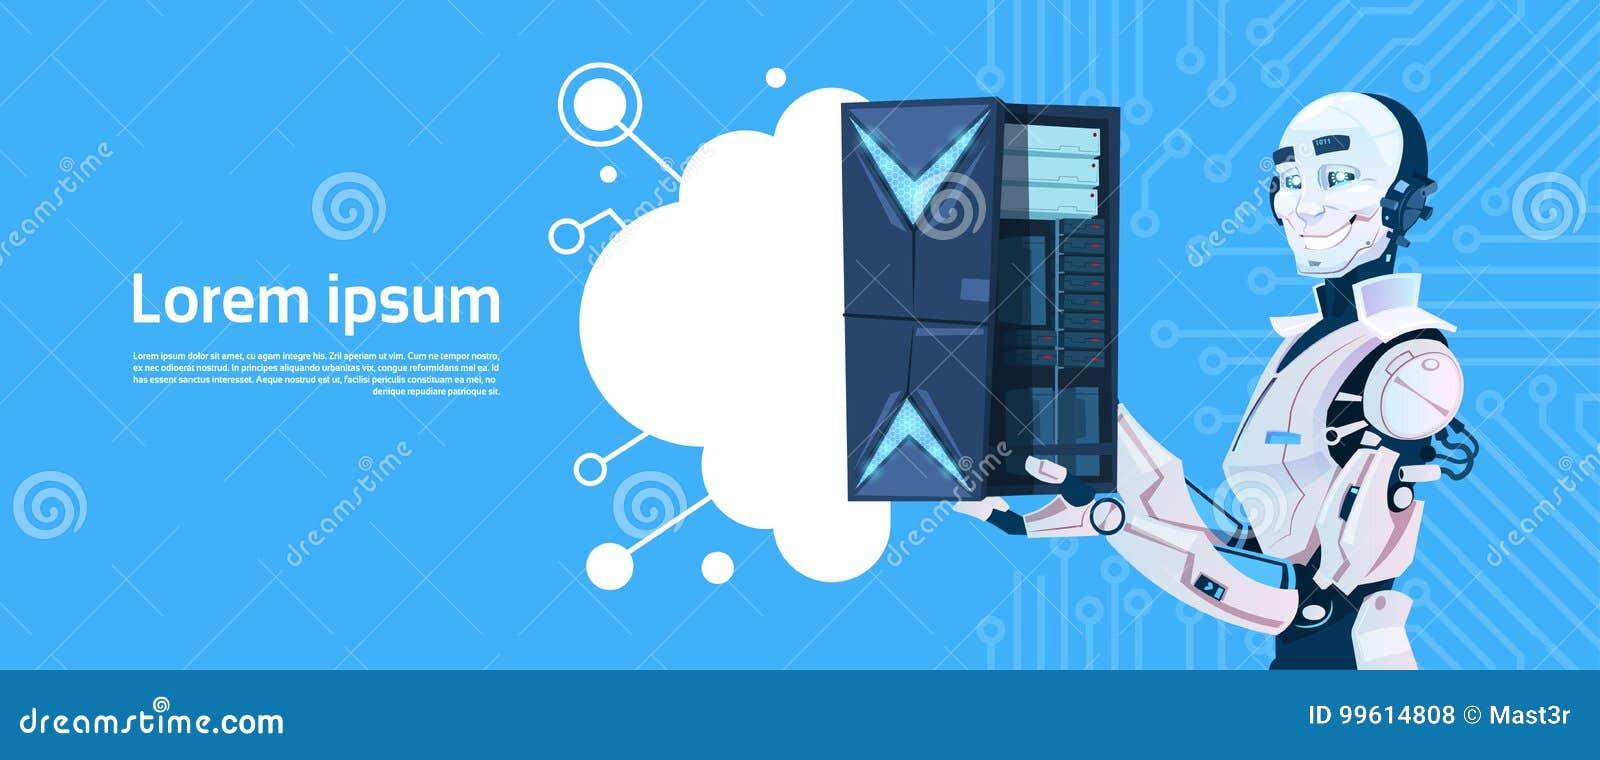 De moderne Server van het de Wolkengegevensbestand van de Robotgreep, de Futuristische Technologie van het Kunstmatige intelligen